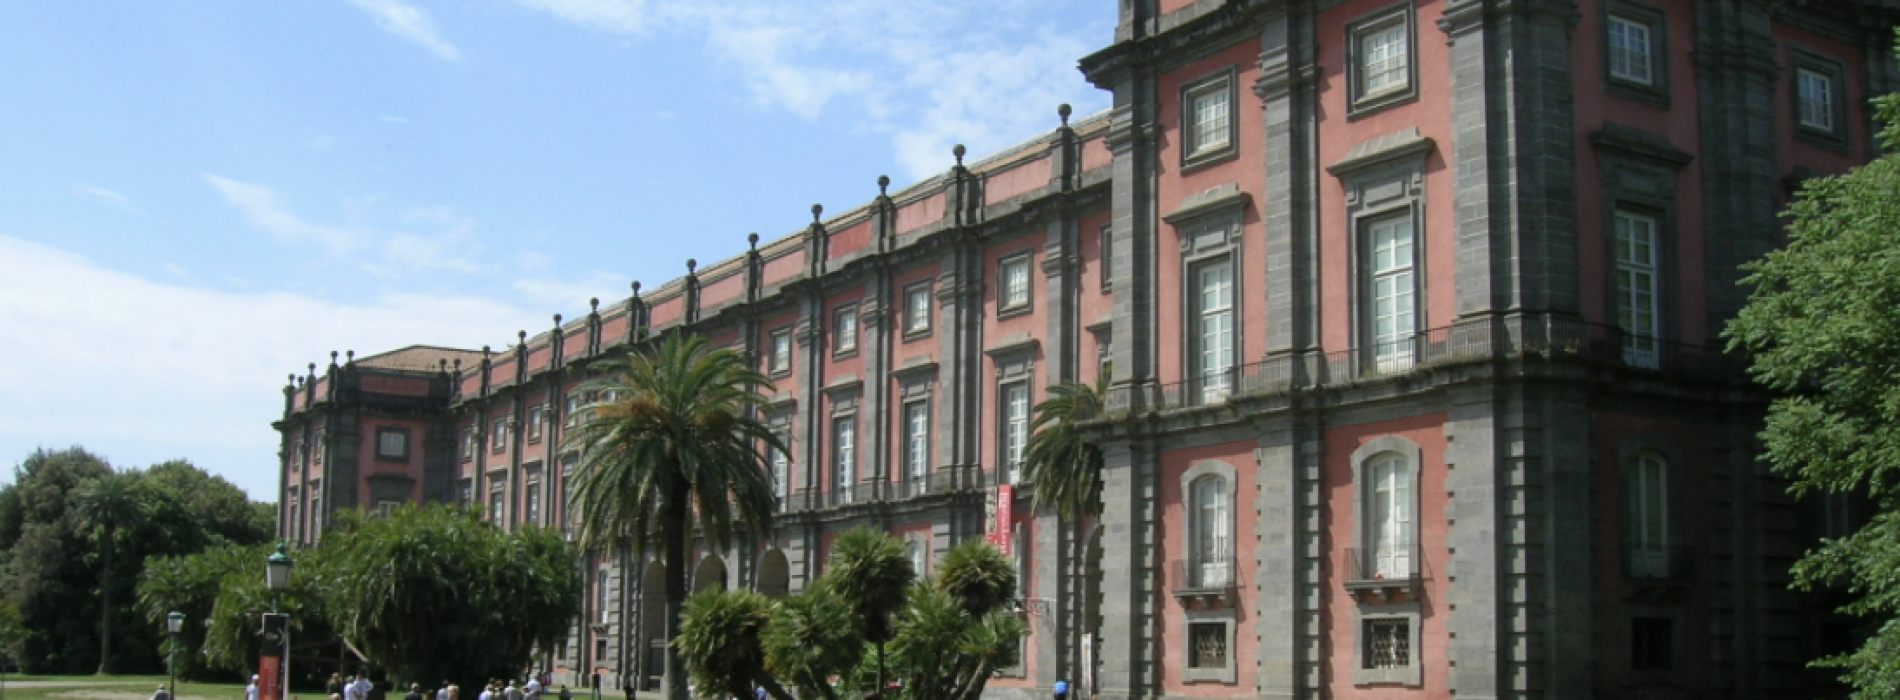 Napoli, riaprono l'Armeria Borbonica e la Collezione De Ciccio